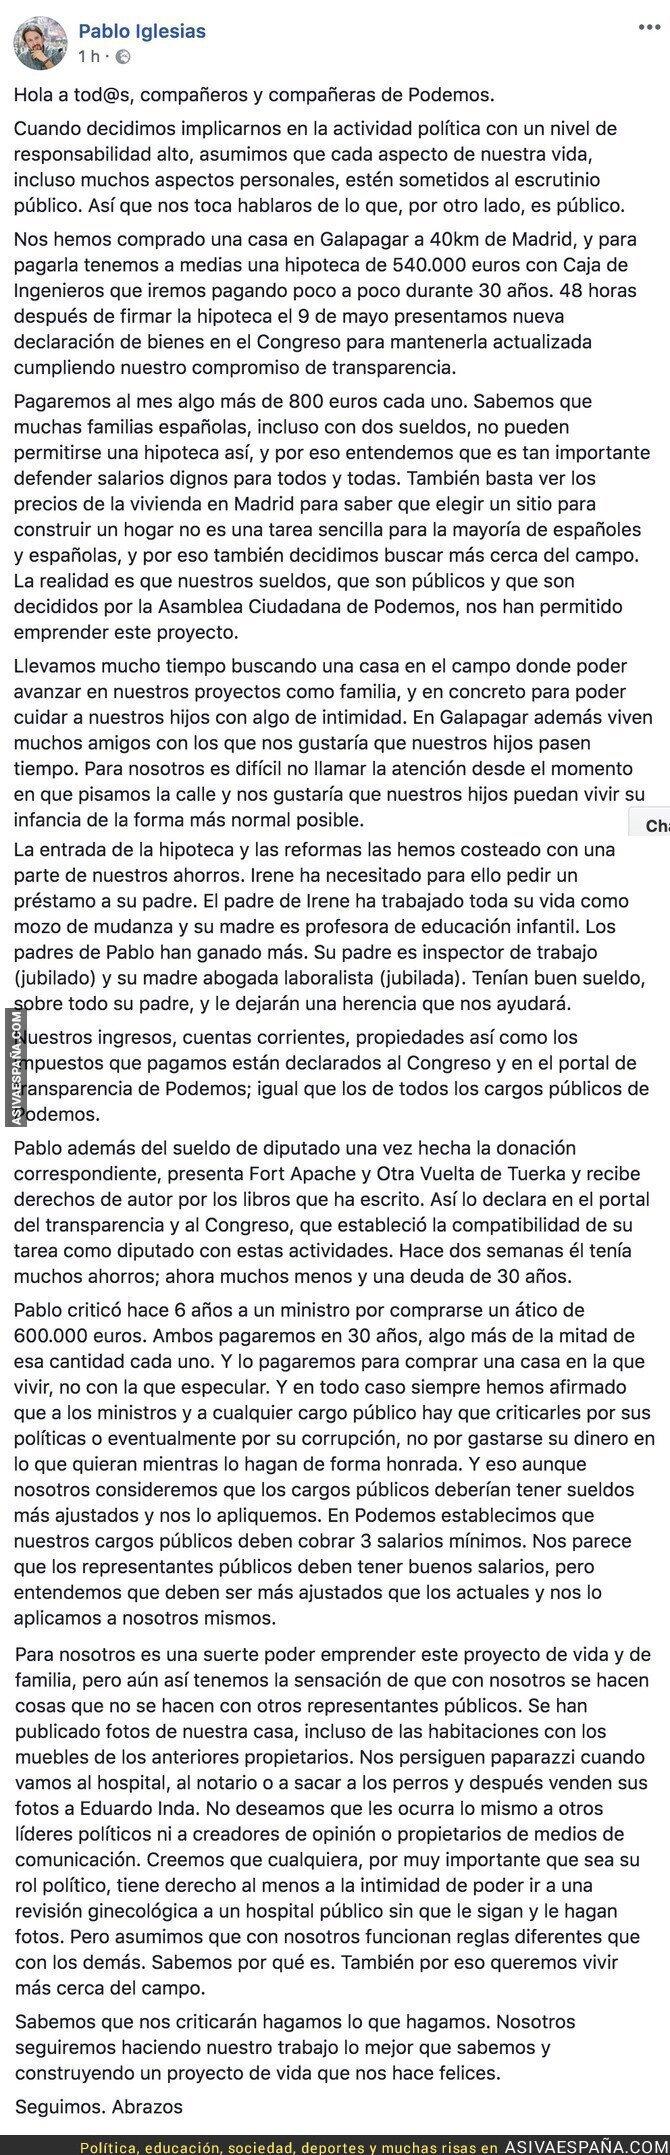 86956 - La carta de Pablo Iglesias aclarando la compra de su chalet